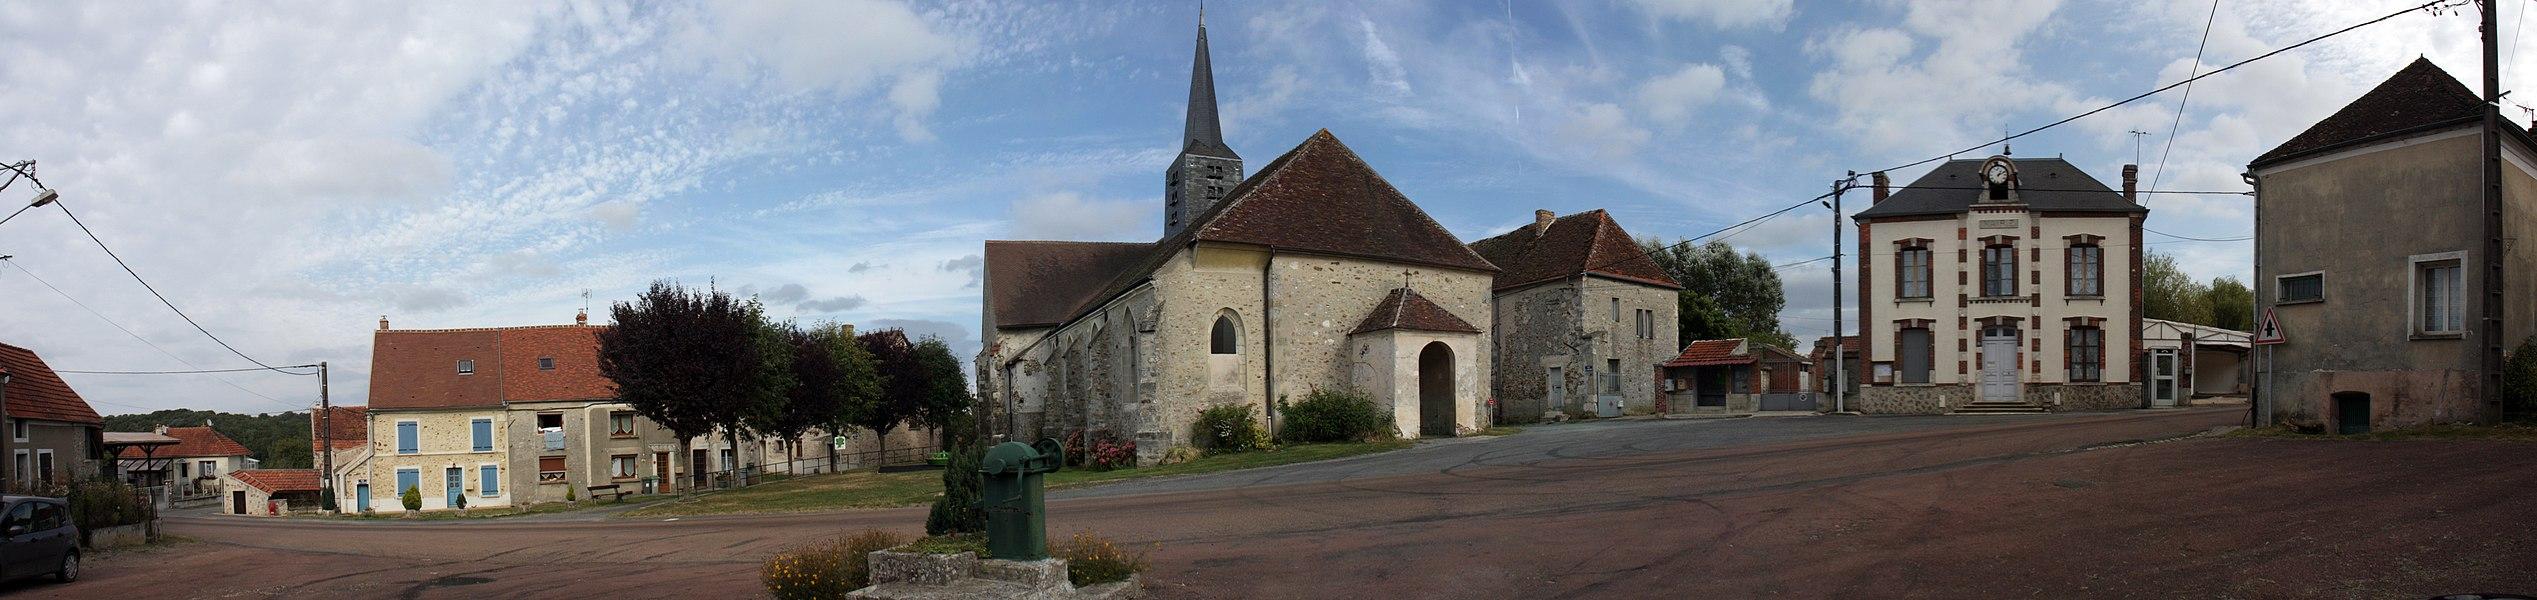 La place centrale de Courboin, avec la Mairie sur la droite, et l'église Saint-Jean-Baptiste.